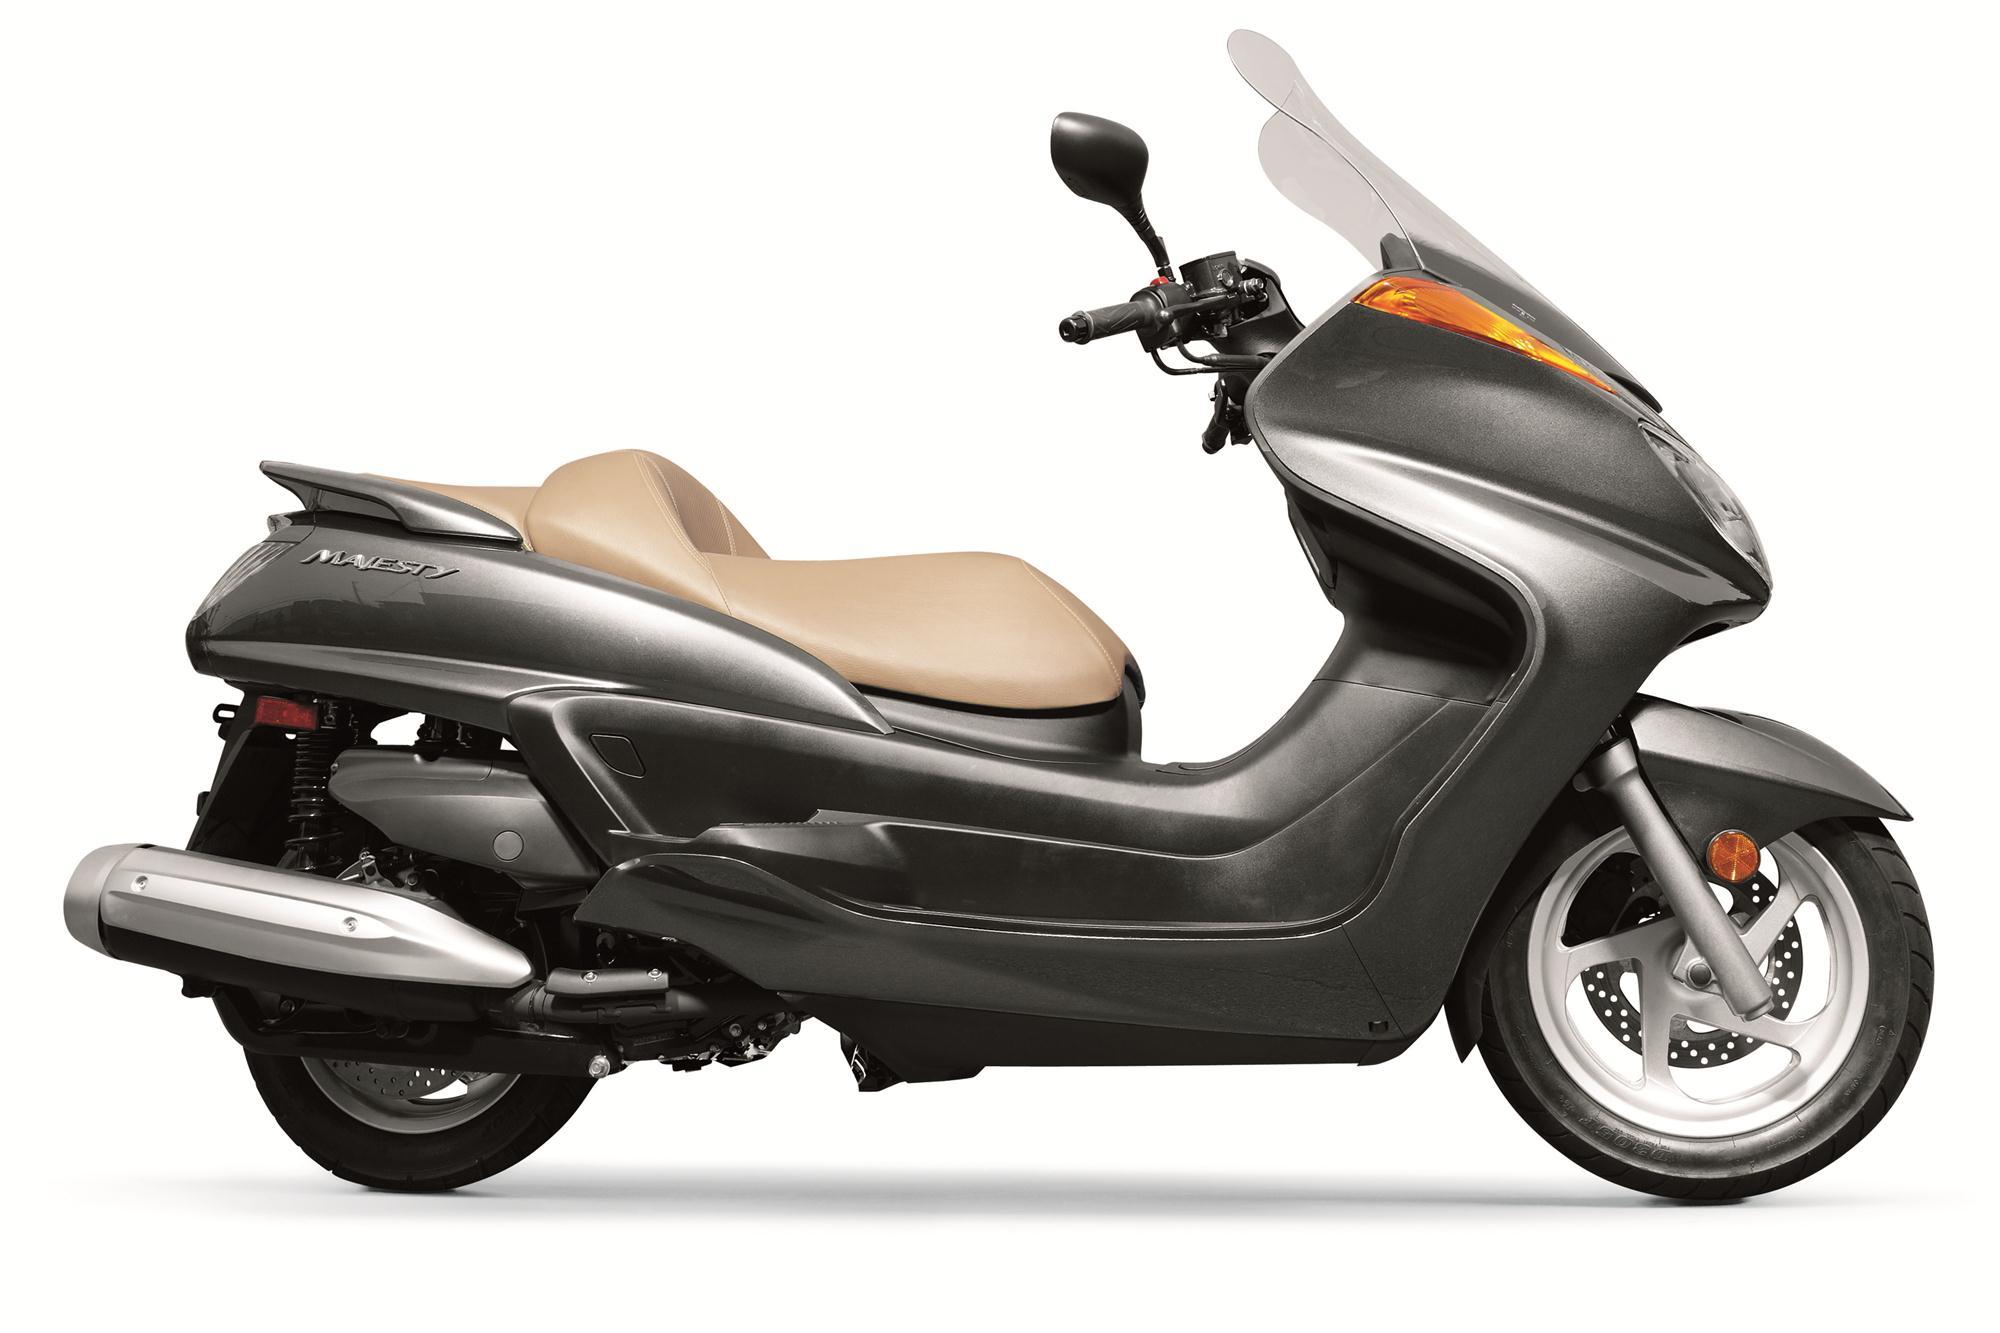 Yamaha Majesty Specs 2004 2005 2006 2007 2008 2009